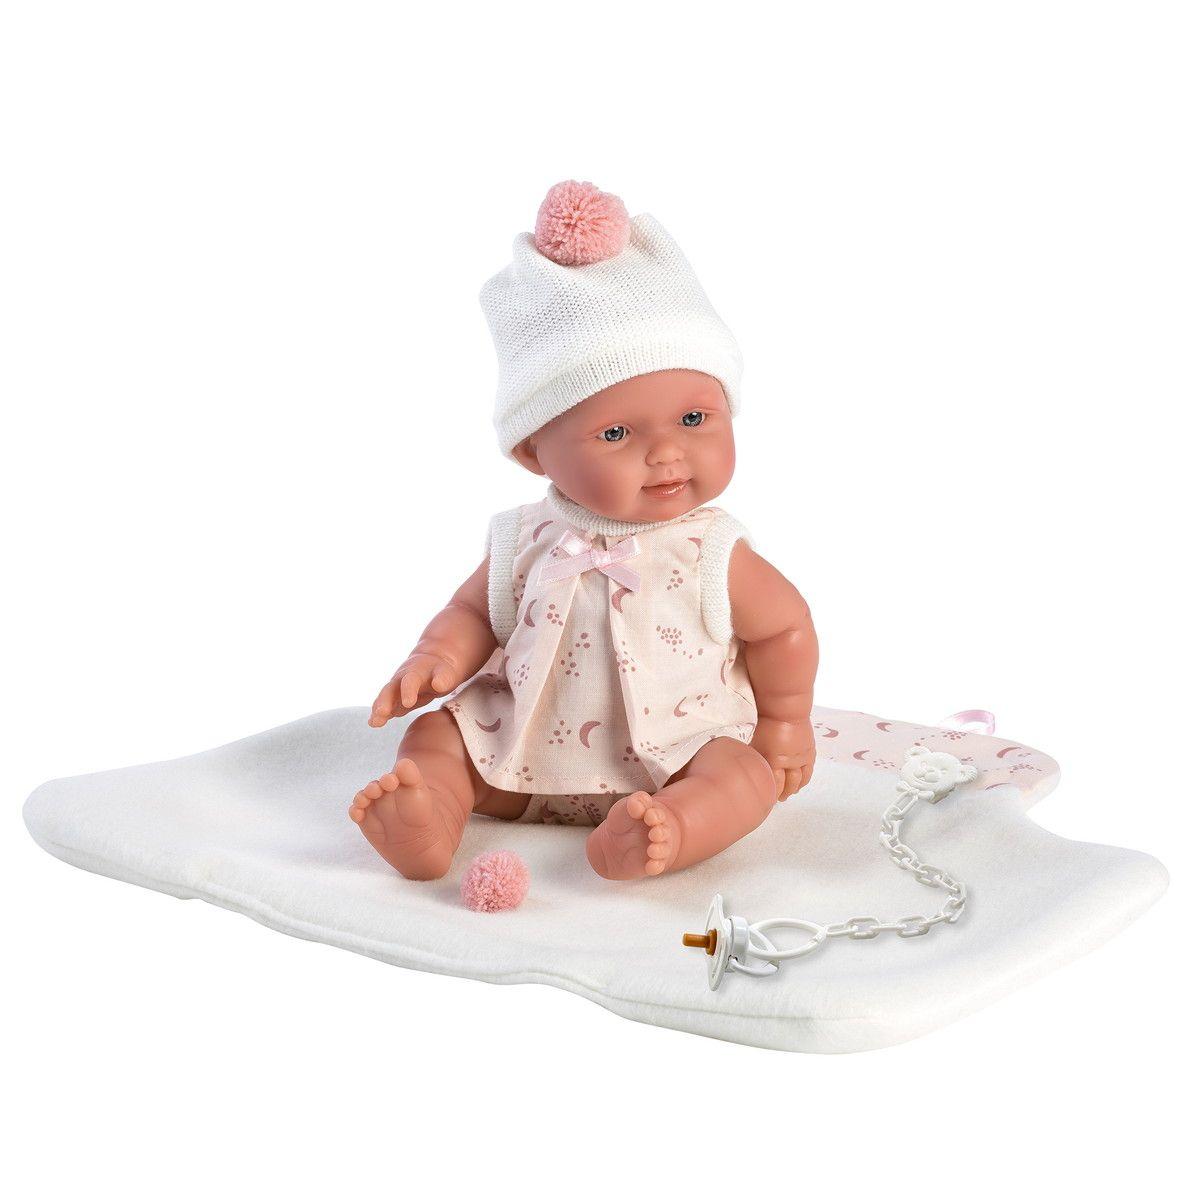 Купить Кукла в розовом, 26 см, Llorens Juan